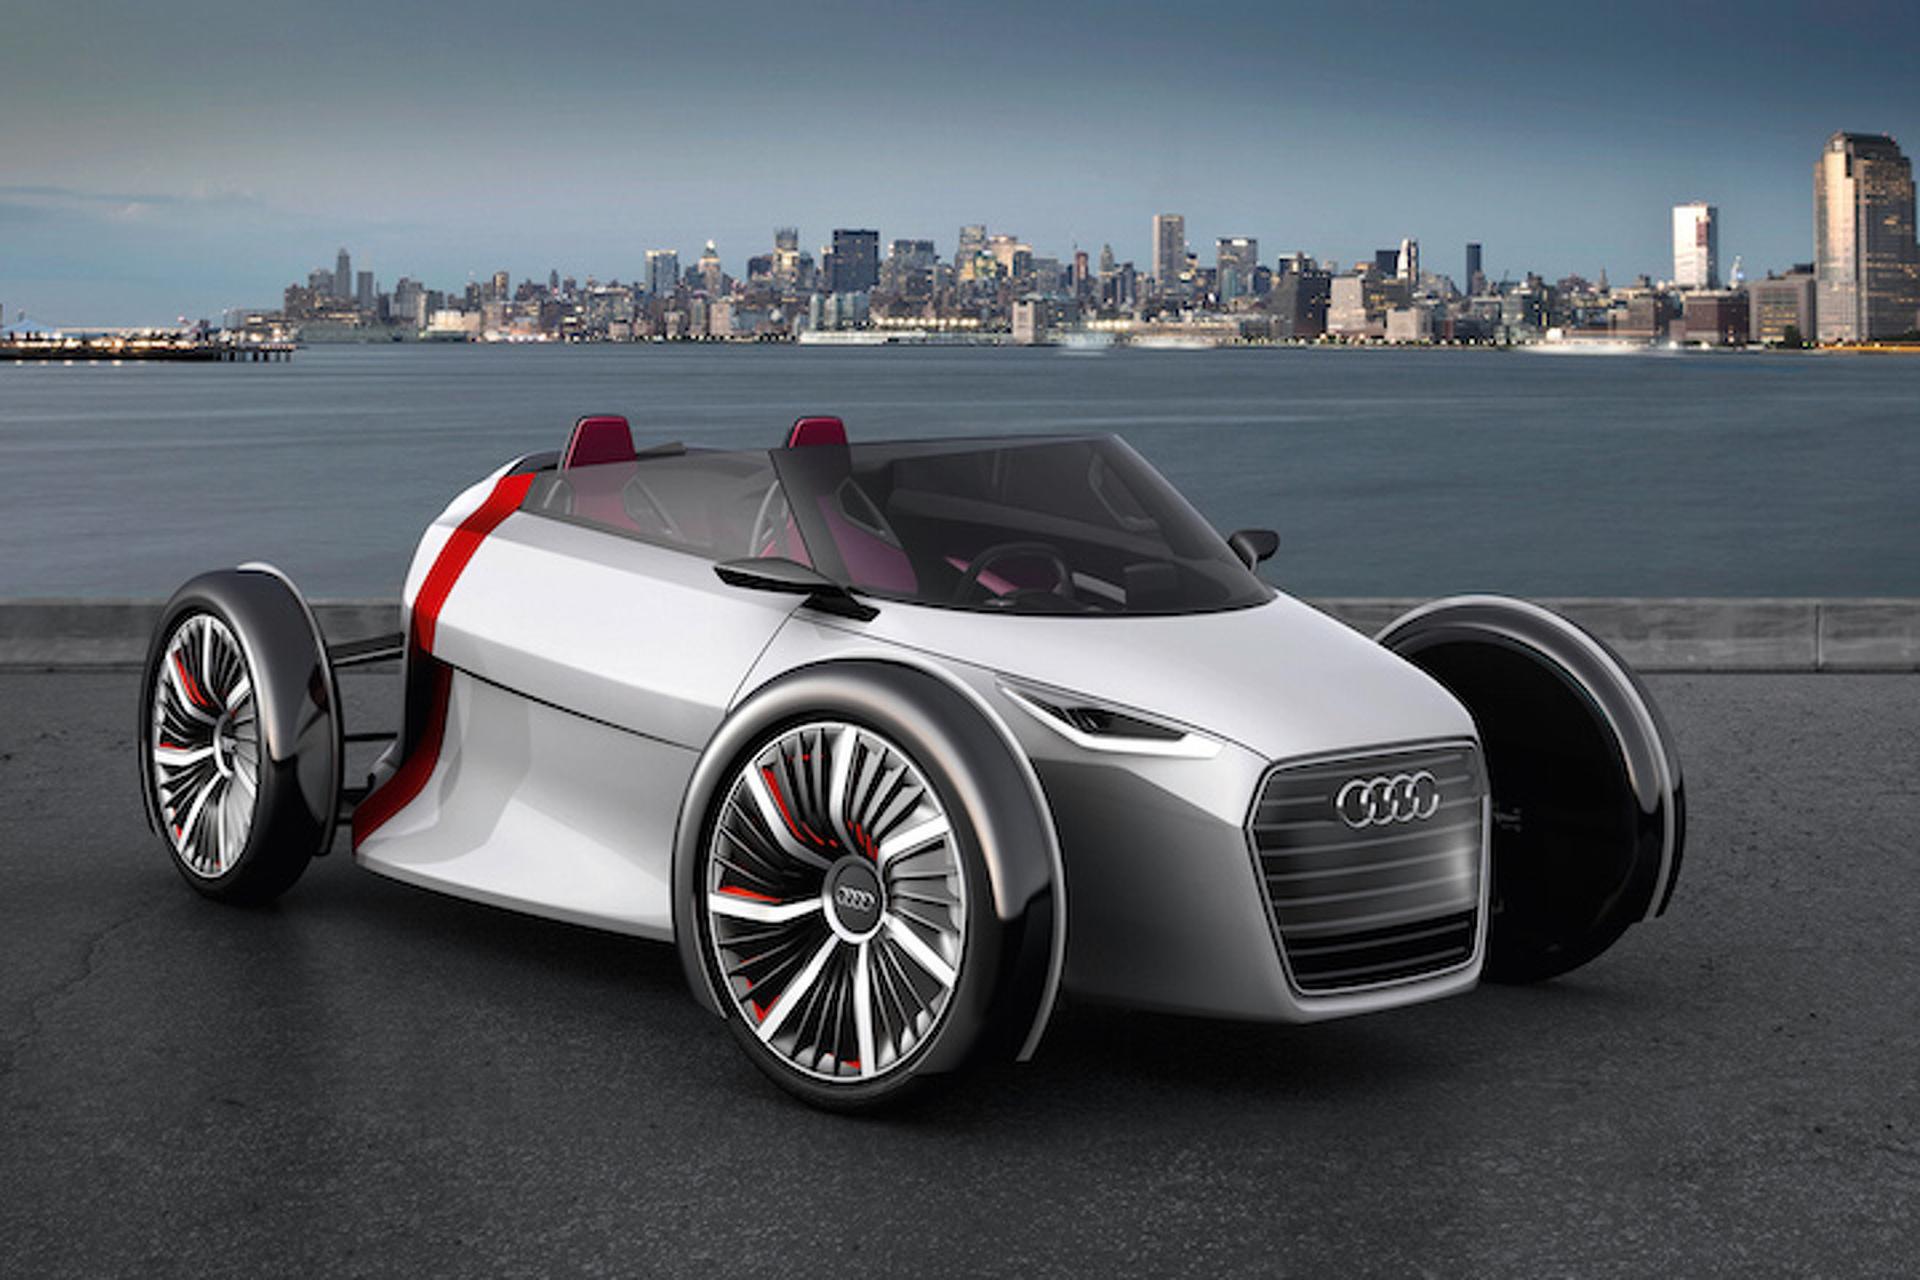 The Strangest Audi Concept Cars Ever Built - Audi sports car list